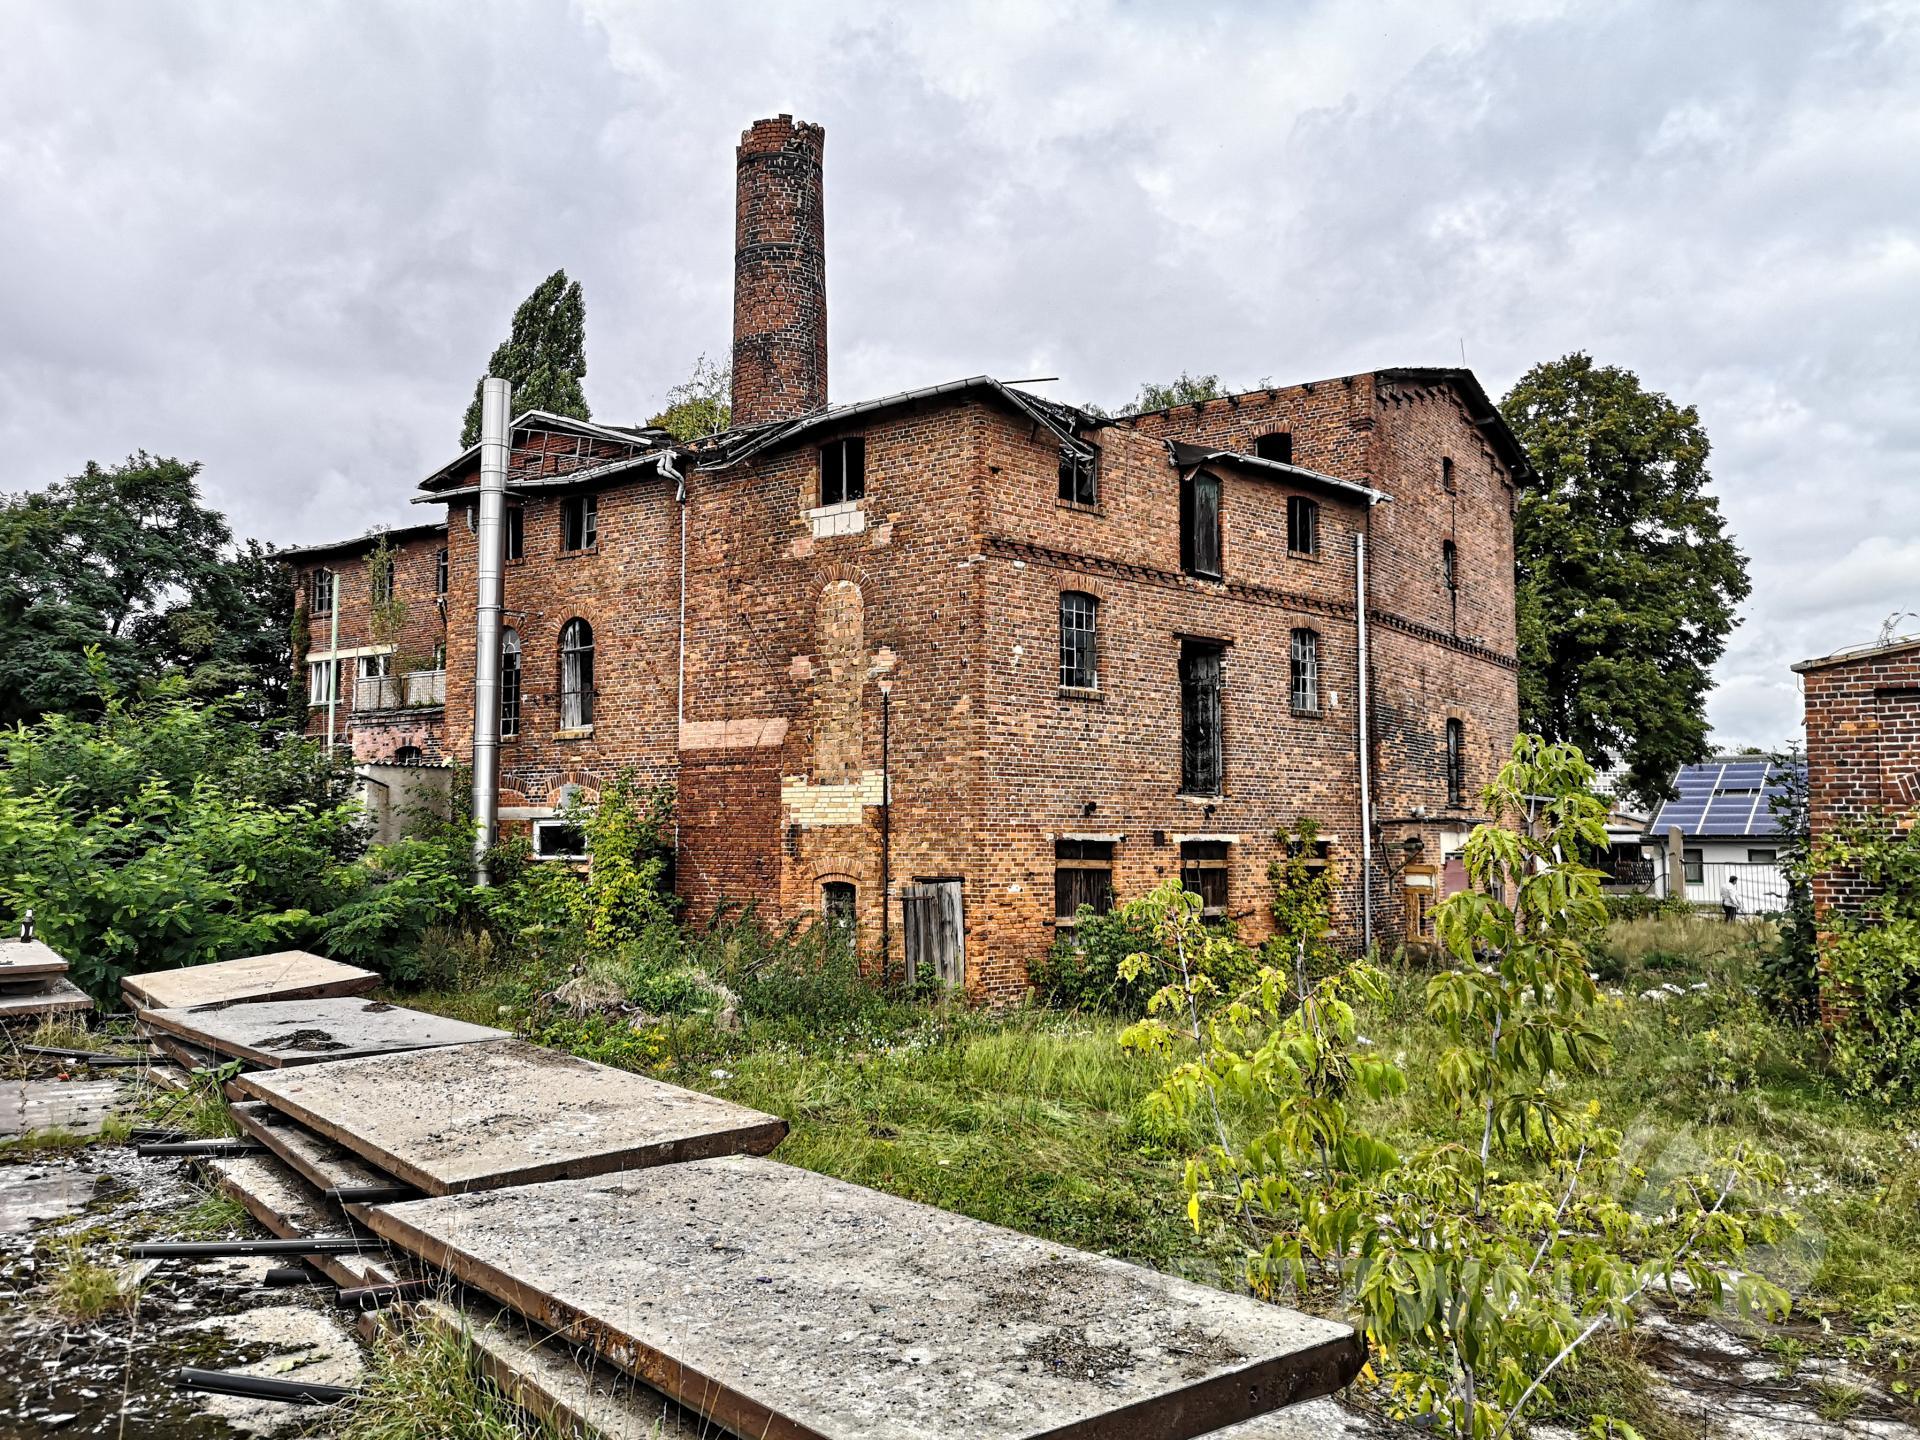 Die Alte Brennerei wird von der Stadt Pritzwalk zum Kauf angeboten. Foto: Beate Vogel